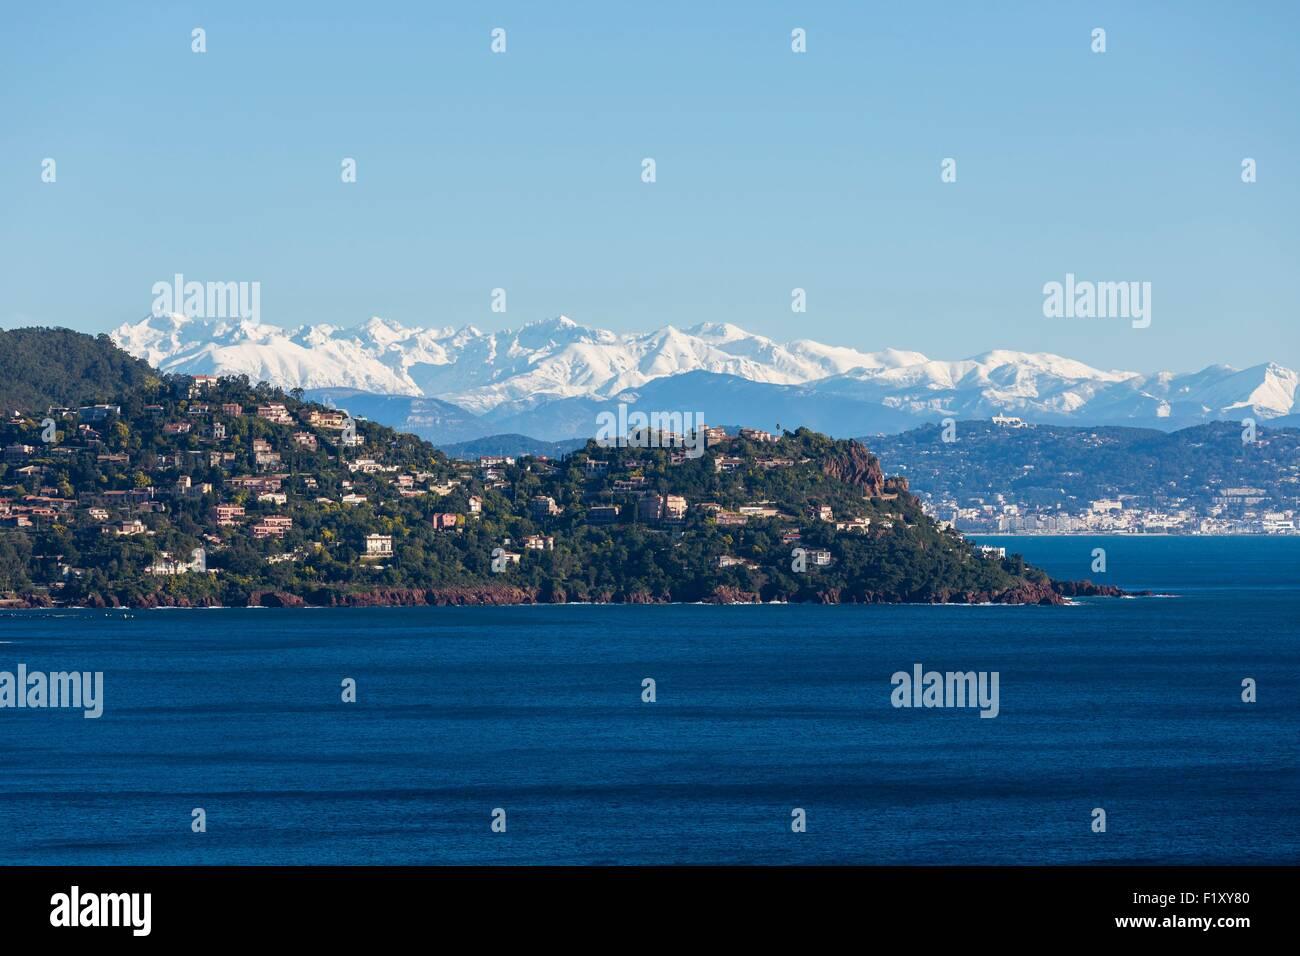 France, Alpes Maritimes, Théoule sur Mer, du golfe de La Napoule, Cannes et les montagnes enneigées du Photo Stock